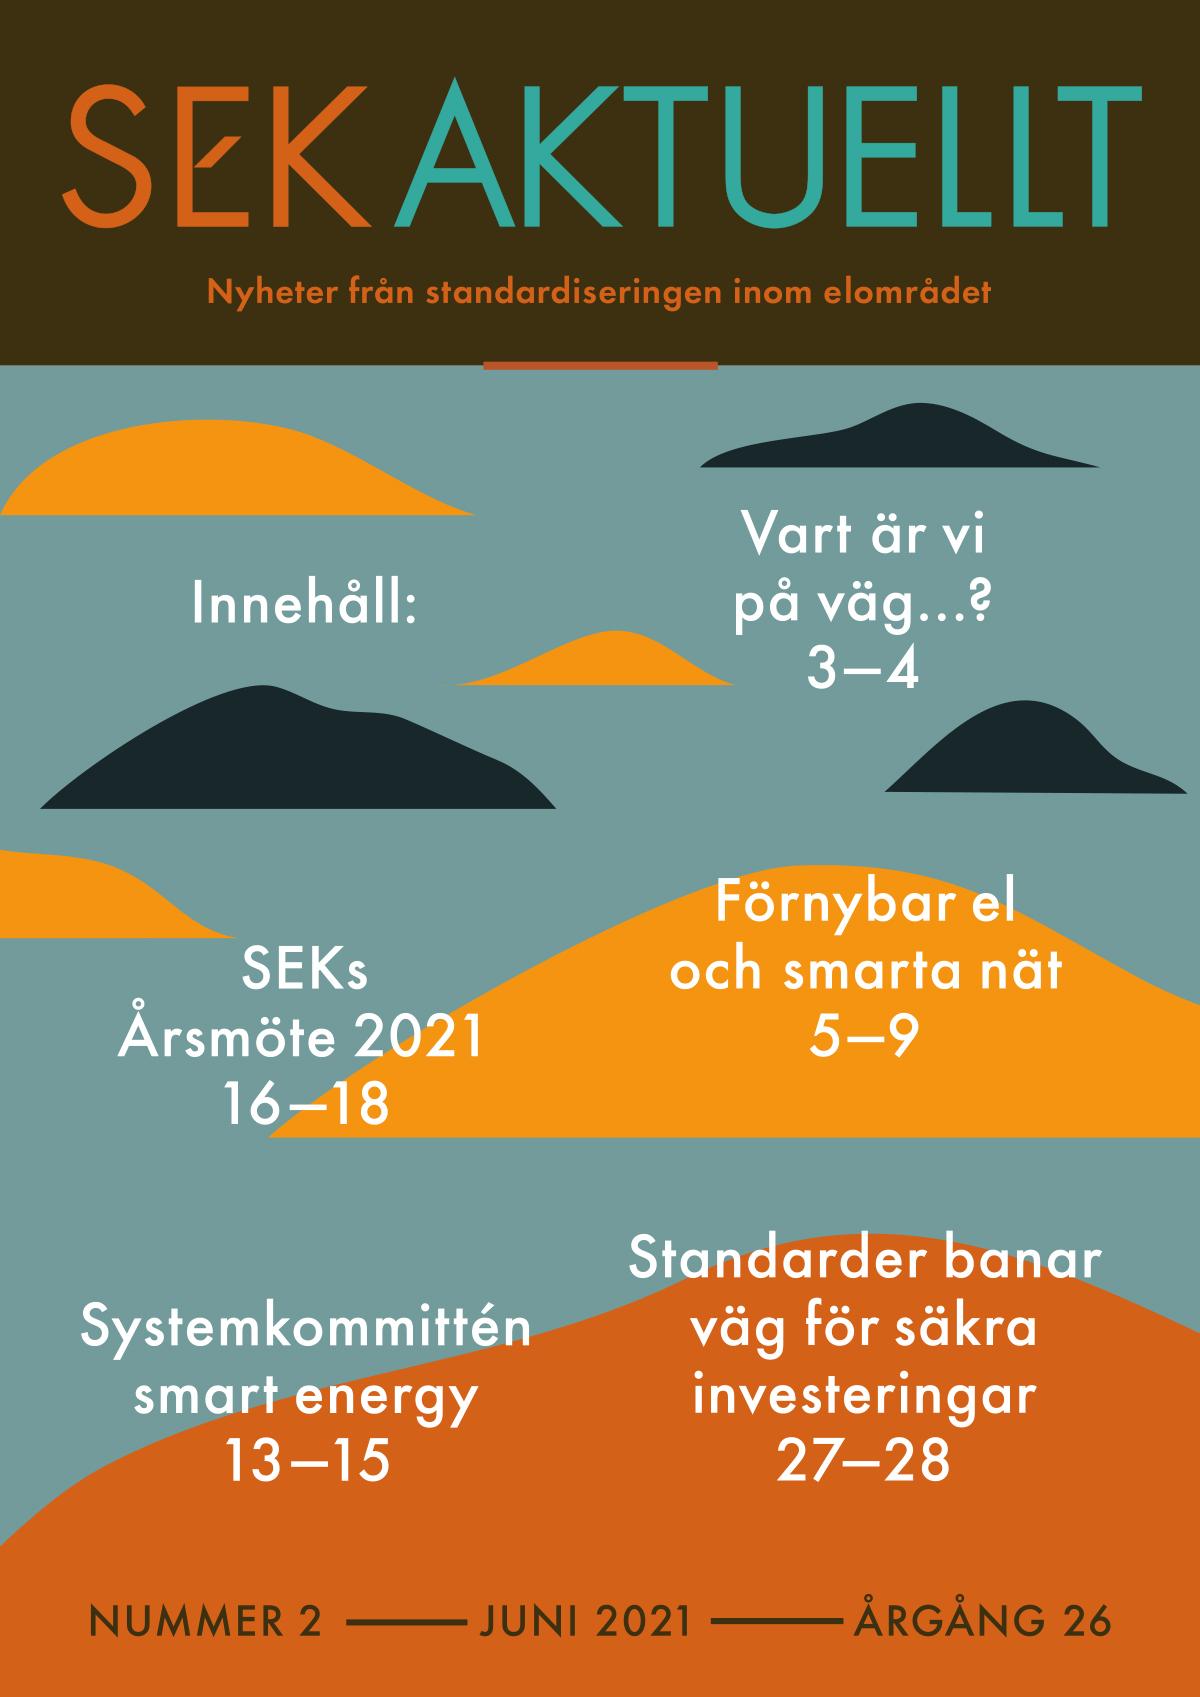 SEK Aktuellt nr 2 2021